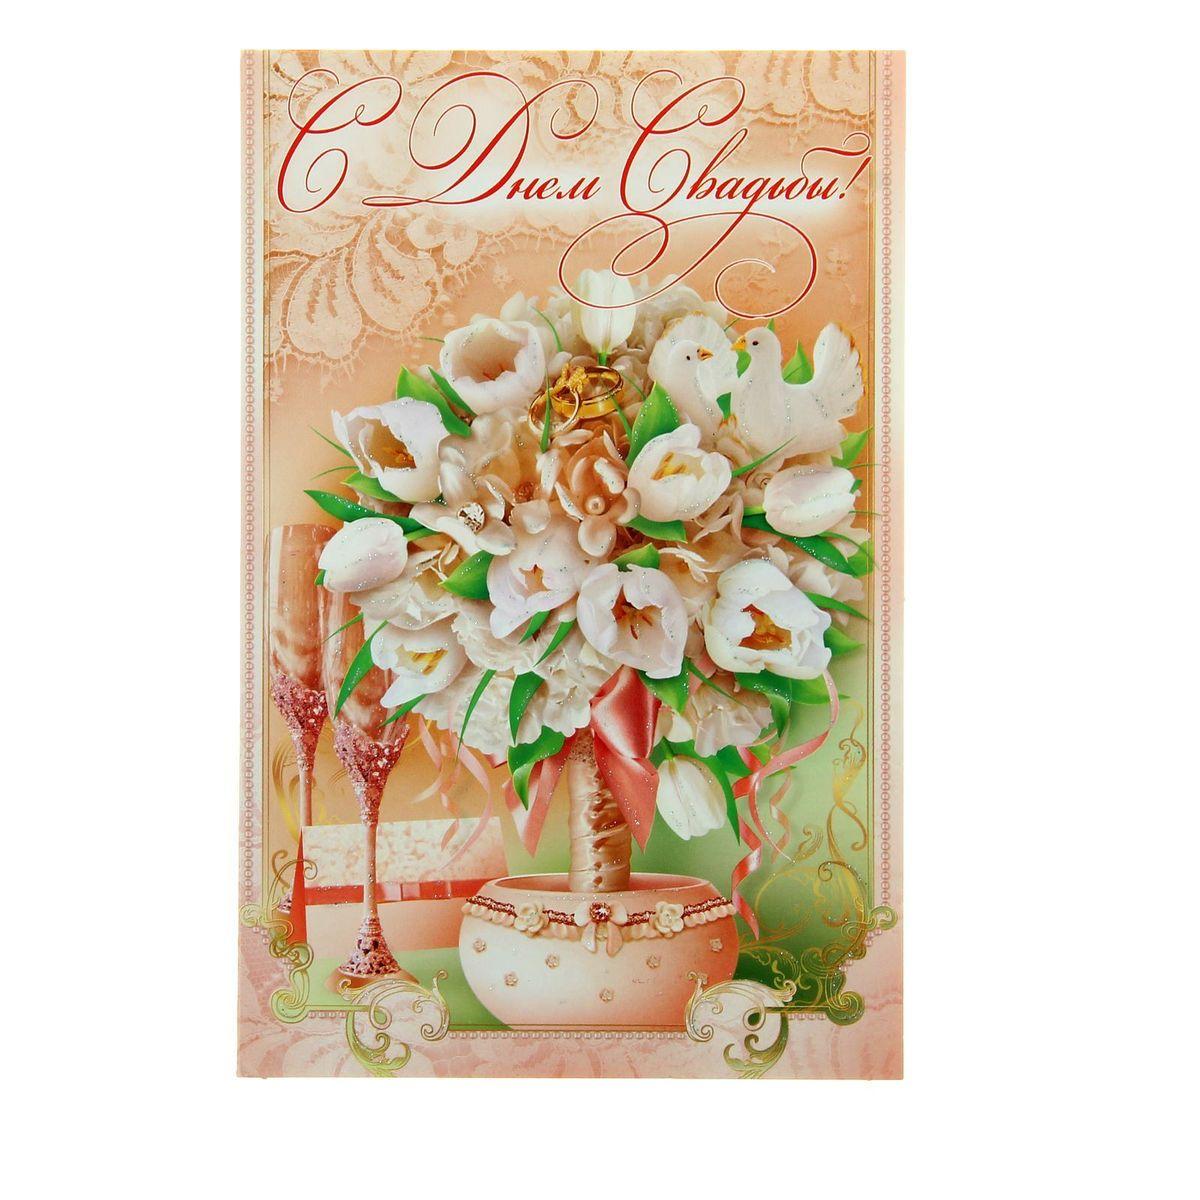 Открытка Эдельвейс С днем свадьбы!. 11623231162323Если вы хотите порадовать себя или близких, создать праздничное настроение и с улыбкой провести памятный день, то вы, несомненно, сделали правильный выбор! Открытка Эдельвейс С днем свадьбы!, выполненная из плотной бумаги, отличается не только оригинальным дизайном, но и высоким качеством.